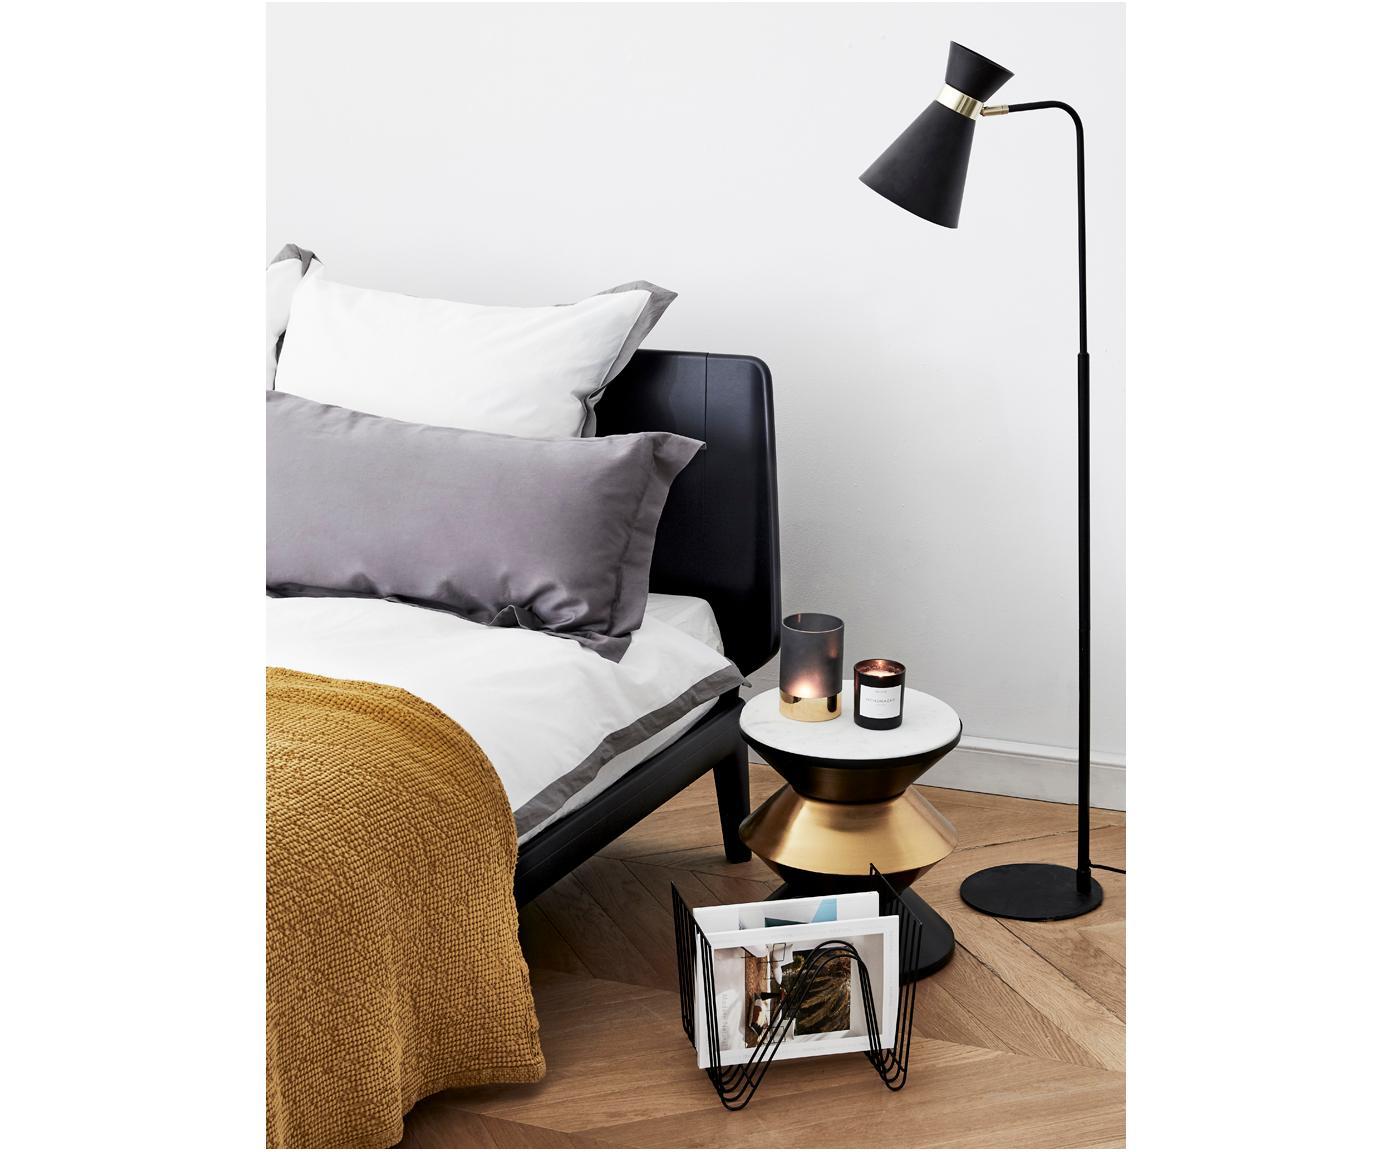 Lampa podłogowa z regulacją wysokości Grazia, Metal lakierowany, Podstawa lampy i klosz: czarny Mocowanie: odcienie złotego, matowy, S 39 x W 144 cm